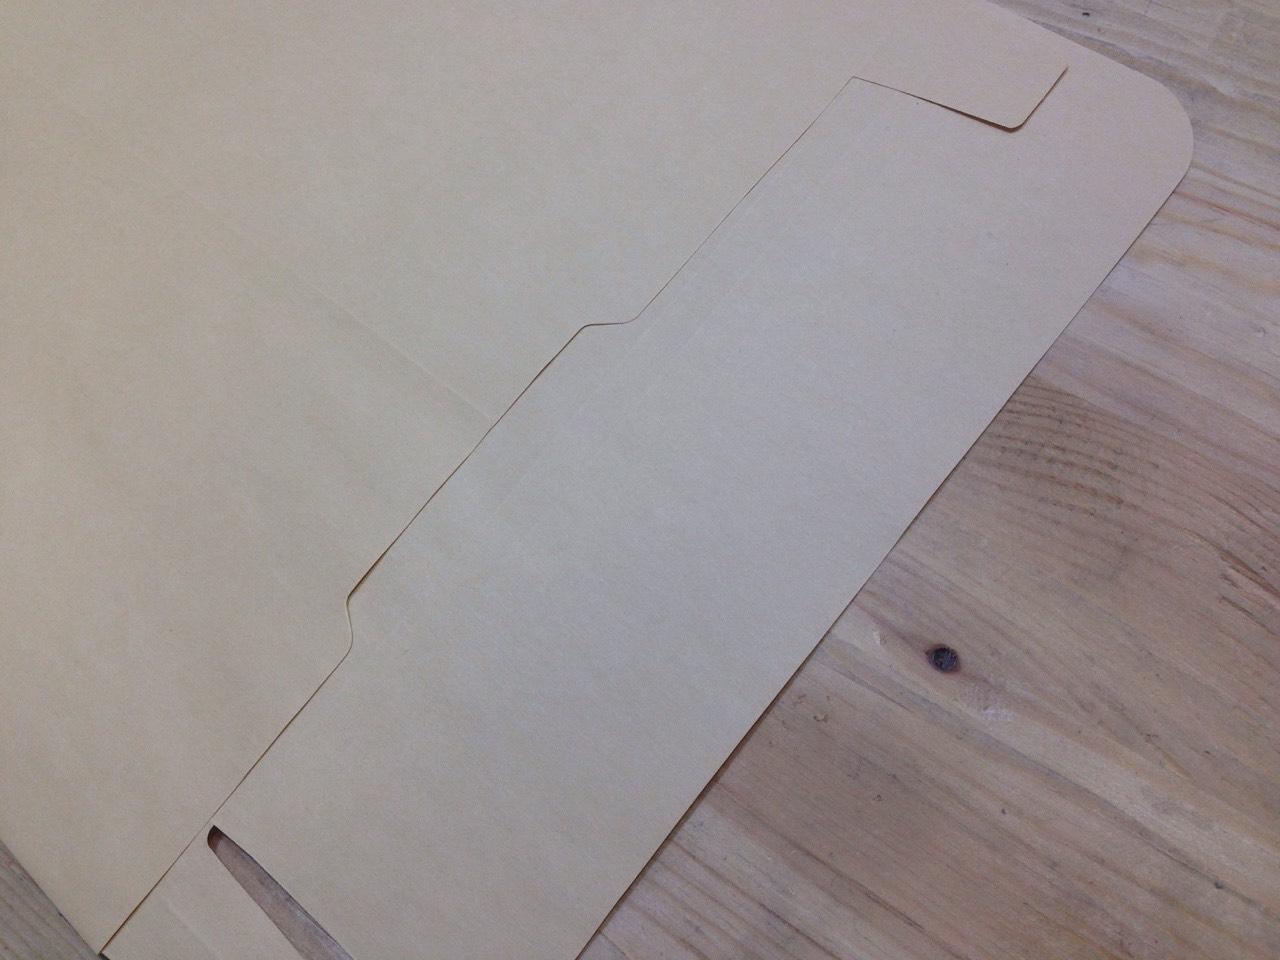 封筒 クラフト封筒 角2 保存袋 ( マチ つき ) クラフト 120g 胴貼り 1000枚 b8206